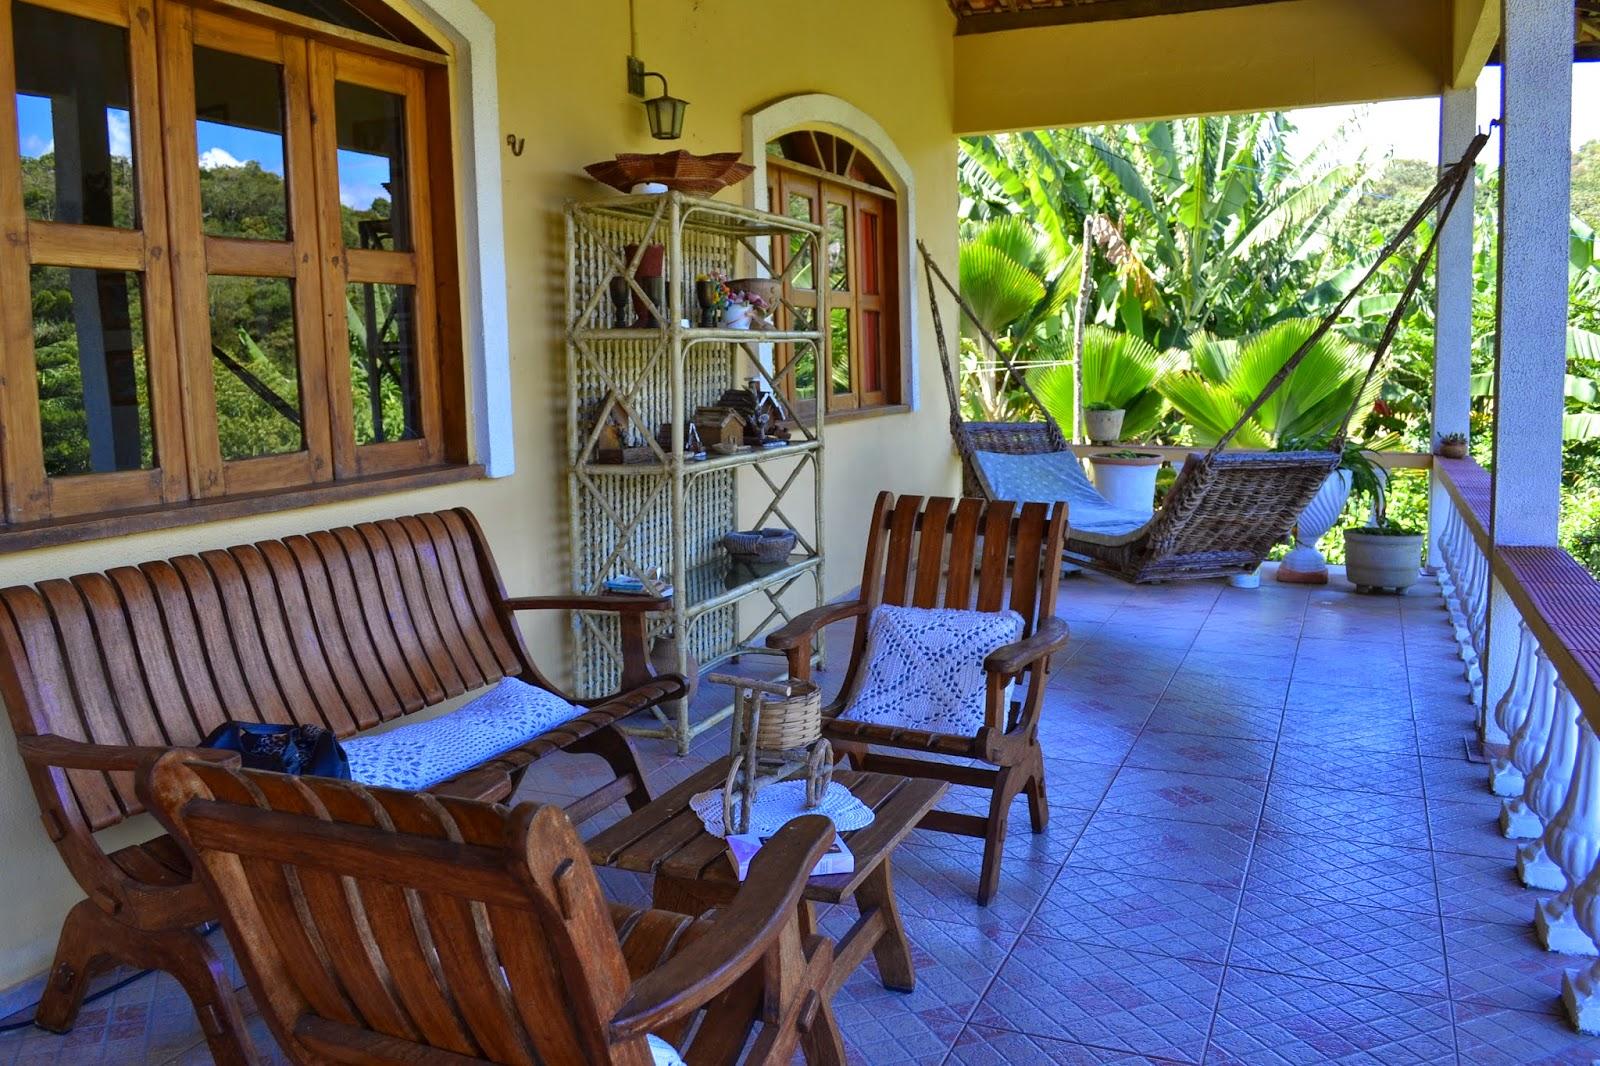 La casa dei tuoi sogni vivere in brasile for Come realizzare la casa dei tuoi sogni